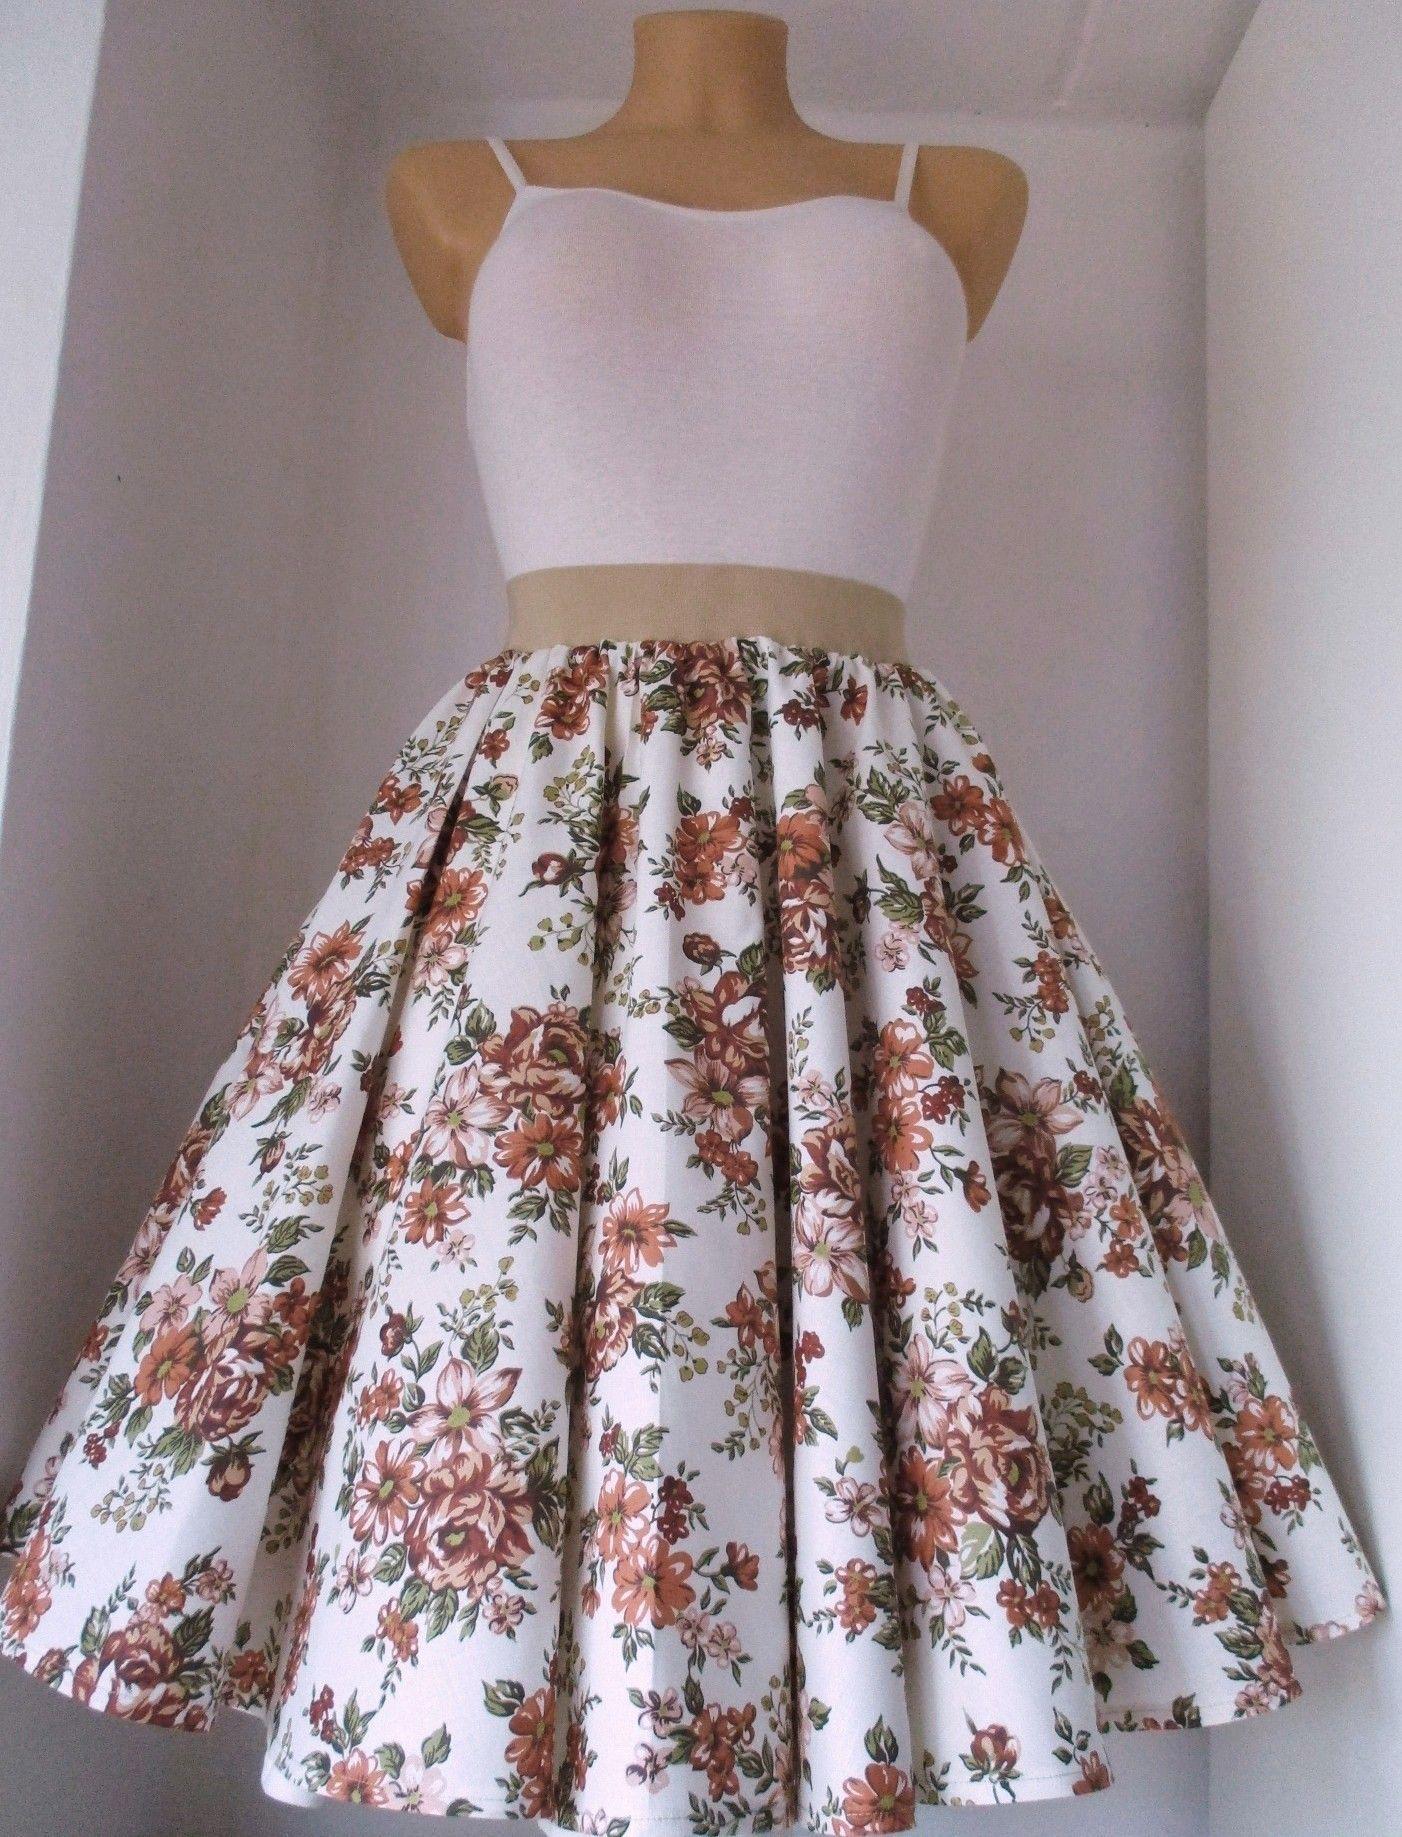 d6975d43a8b3 Sukně+kolo+hnědá+růže+ Kolová+sukně+z+kvalitní+pevné+100%+bavlny.+ ...